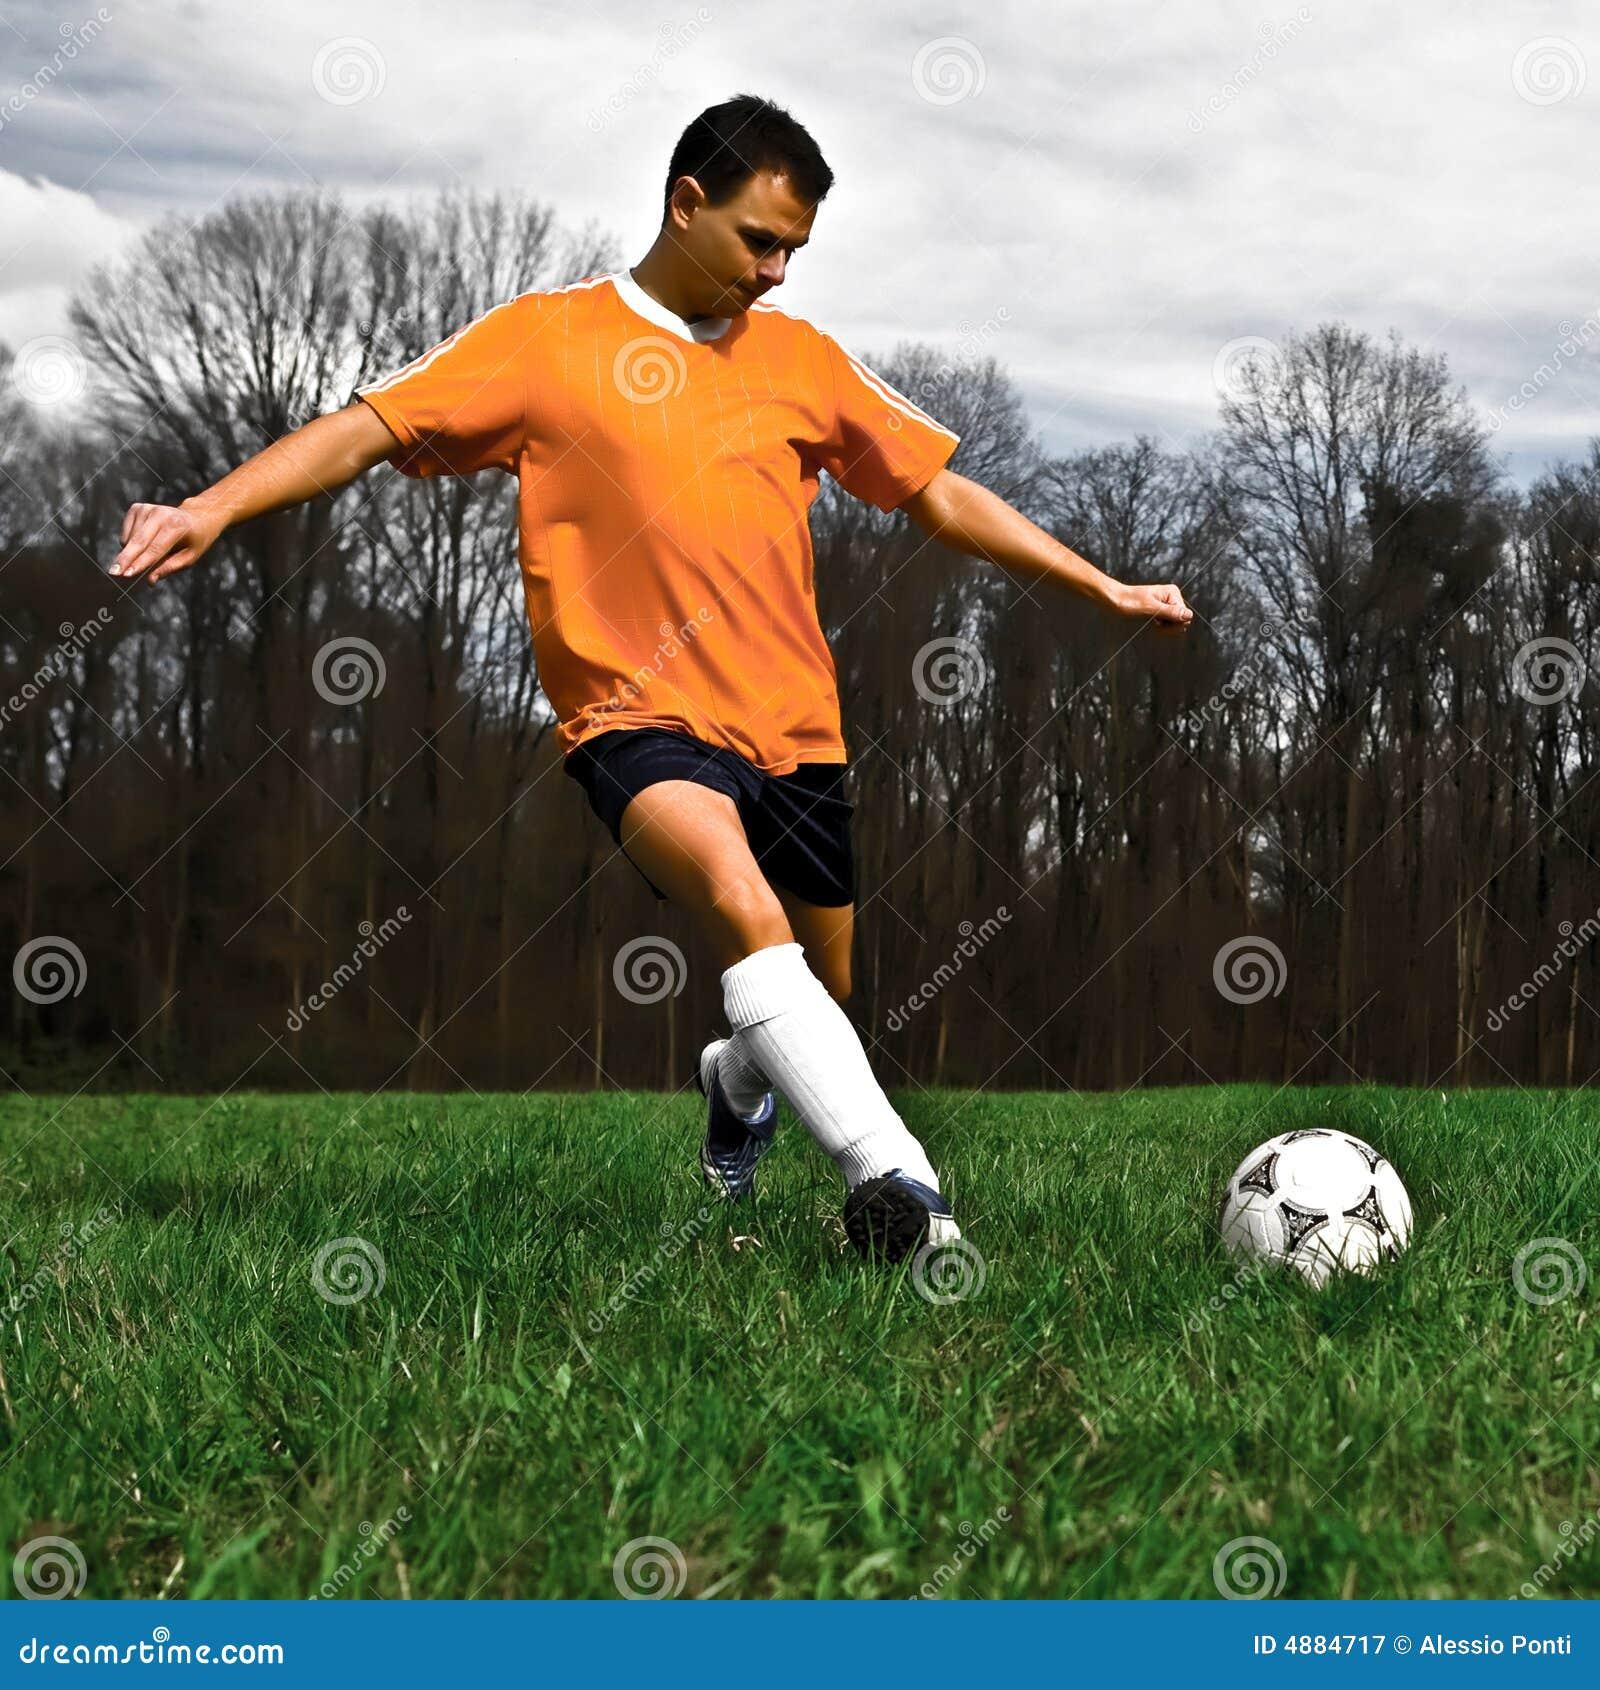 Retroceso con el pie del jugador de fútbol